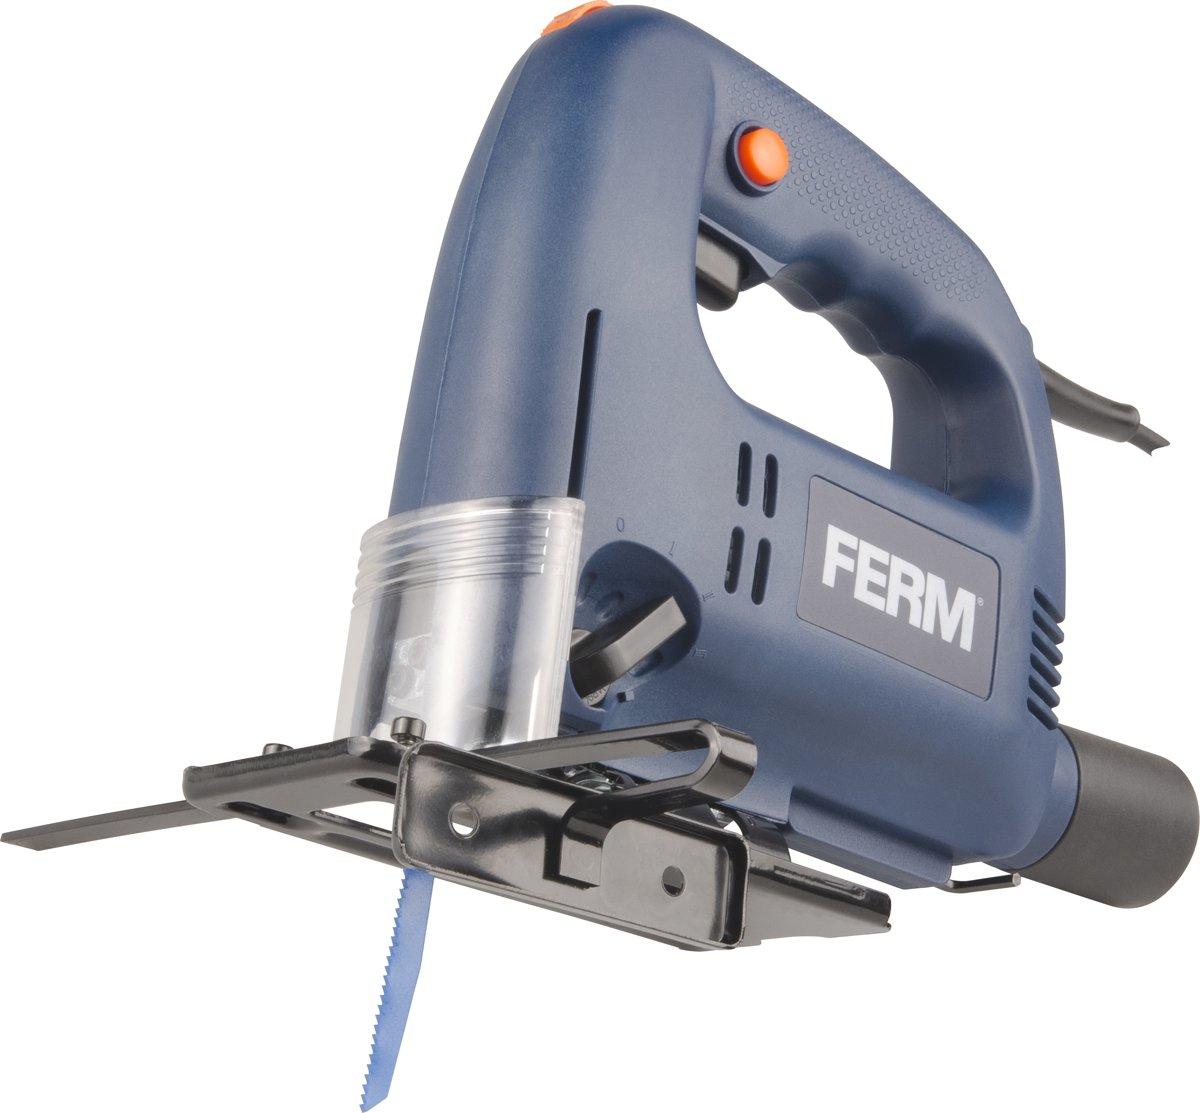 FERM JSM1023 Decoupeerzaag 570W - 3+1 pendelposities - Parallelgeleider - Inclusief 4 zaagbladen